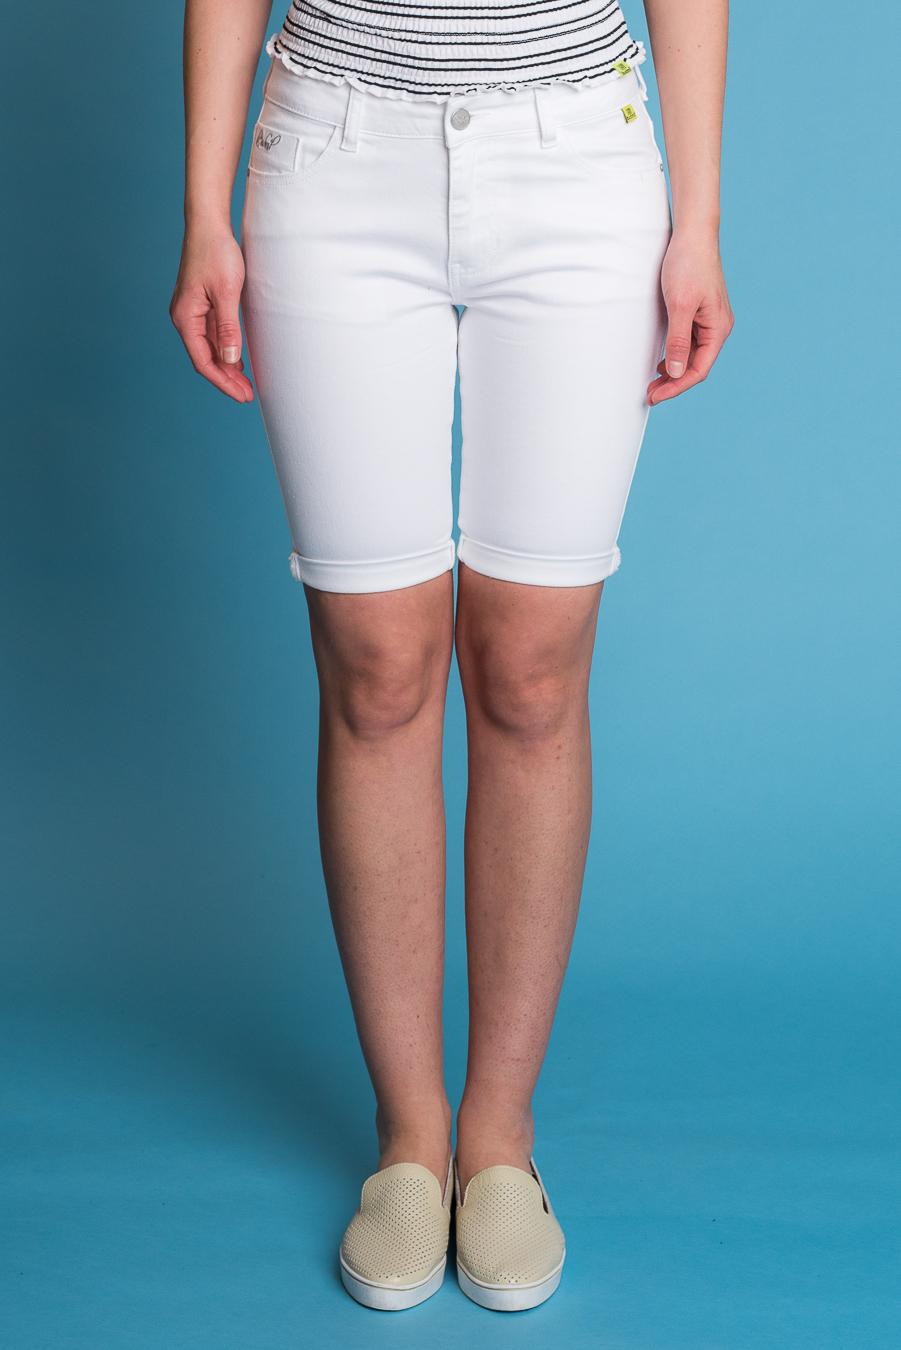 női short fehér | Kényelem A Nyári Hőségben női short | budmil